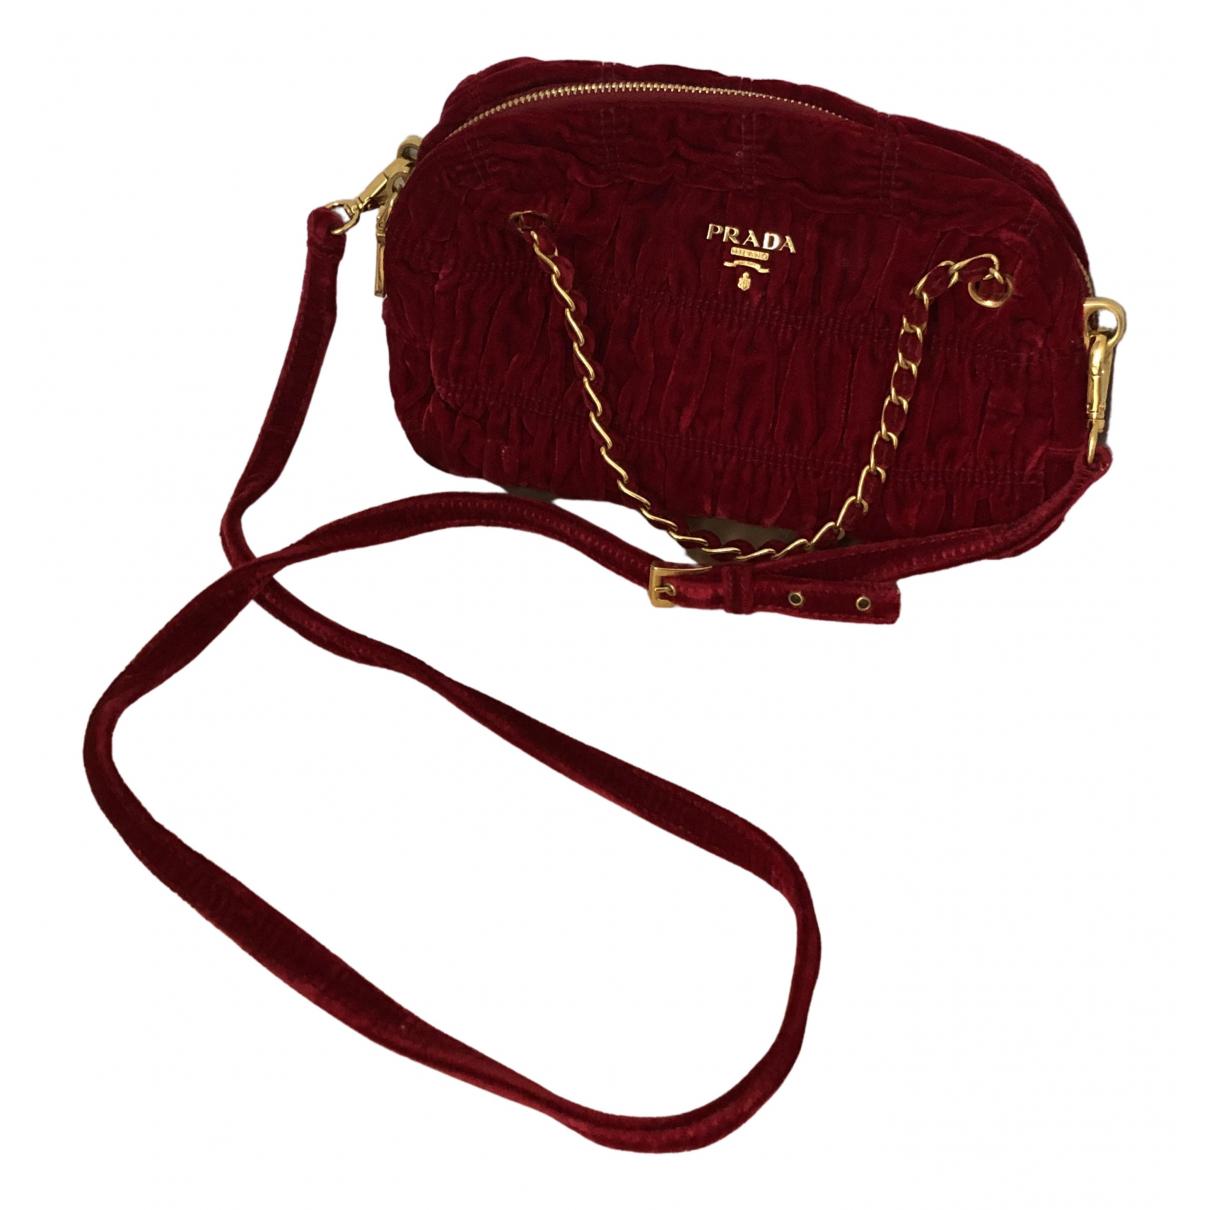 Prada - Sac a main   pour femme en velours - rouge